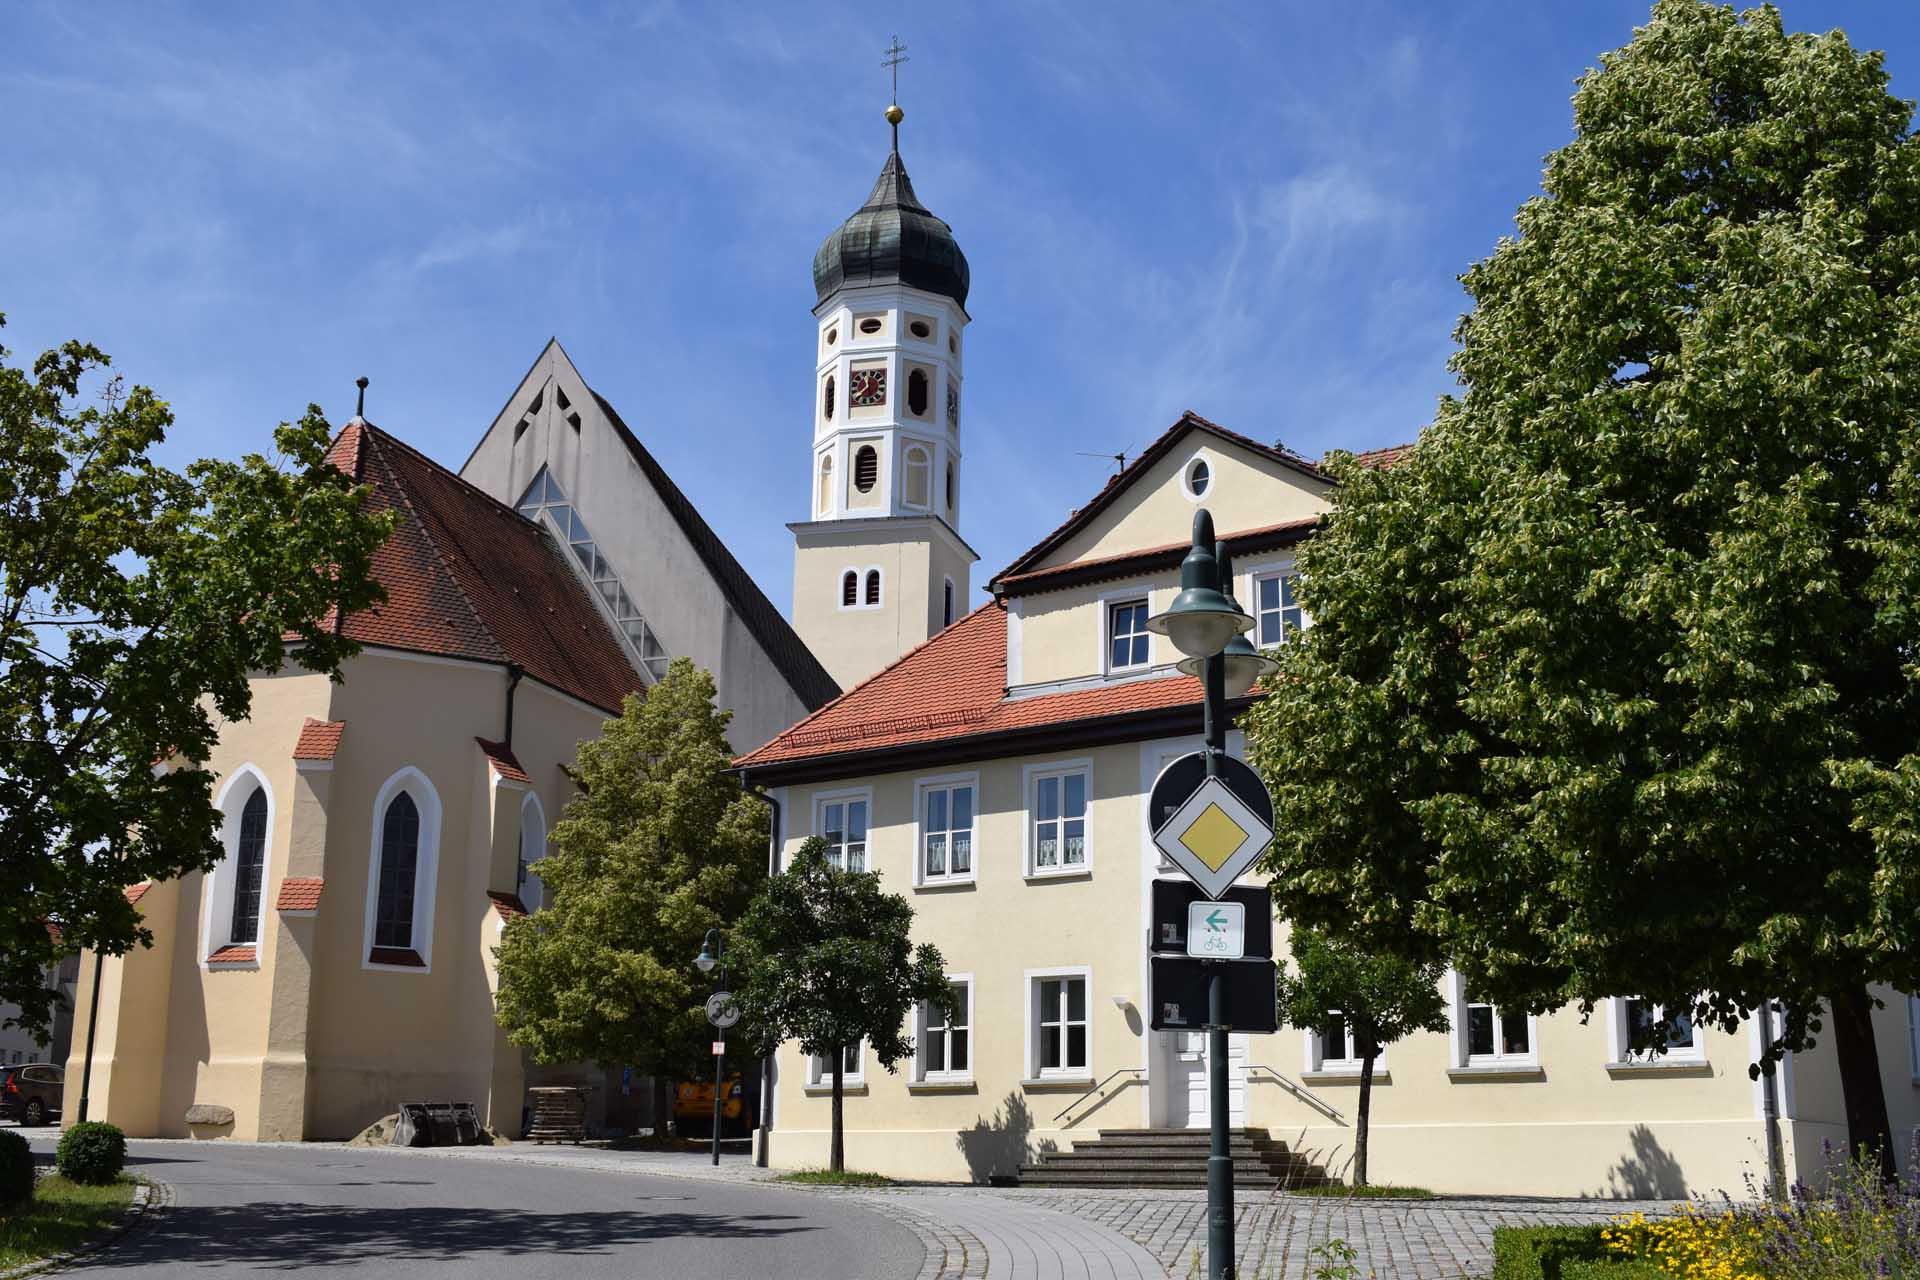 Ein Blick auf das barocke Rathaus oder auch die Pfarrkirche St. Maria Mater Dolorosa in Eberhardzell lohnen.